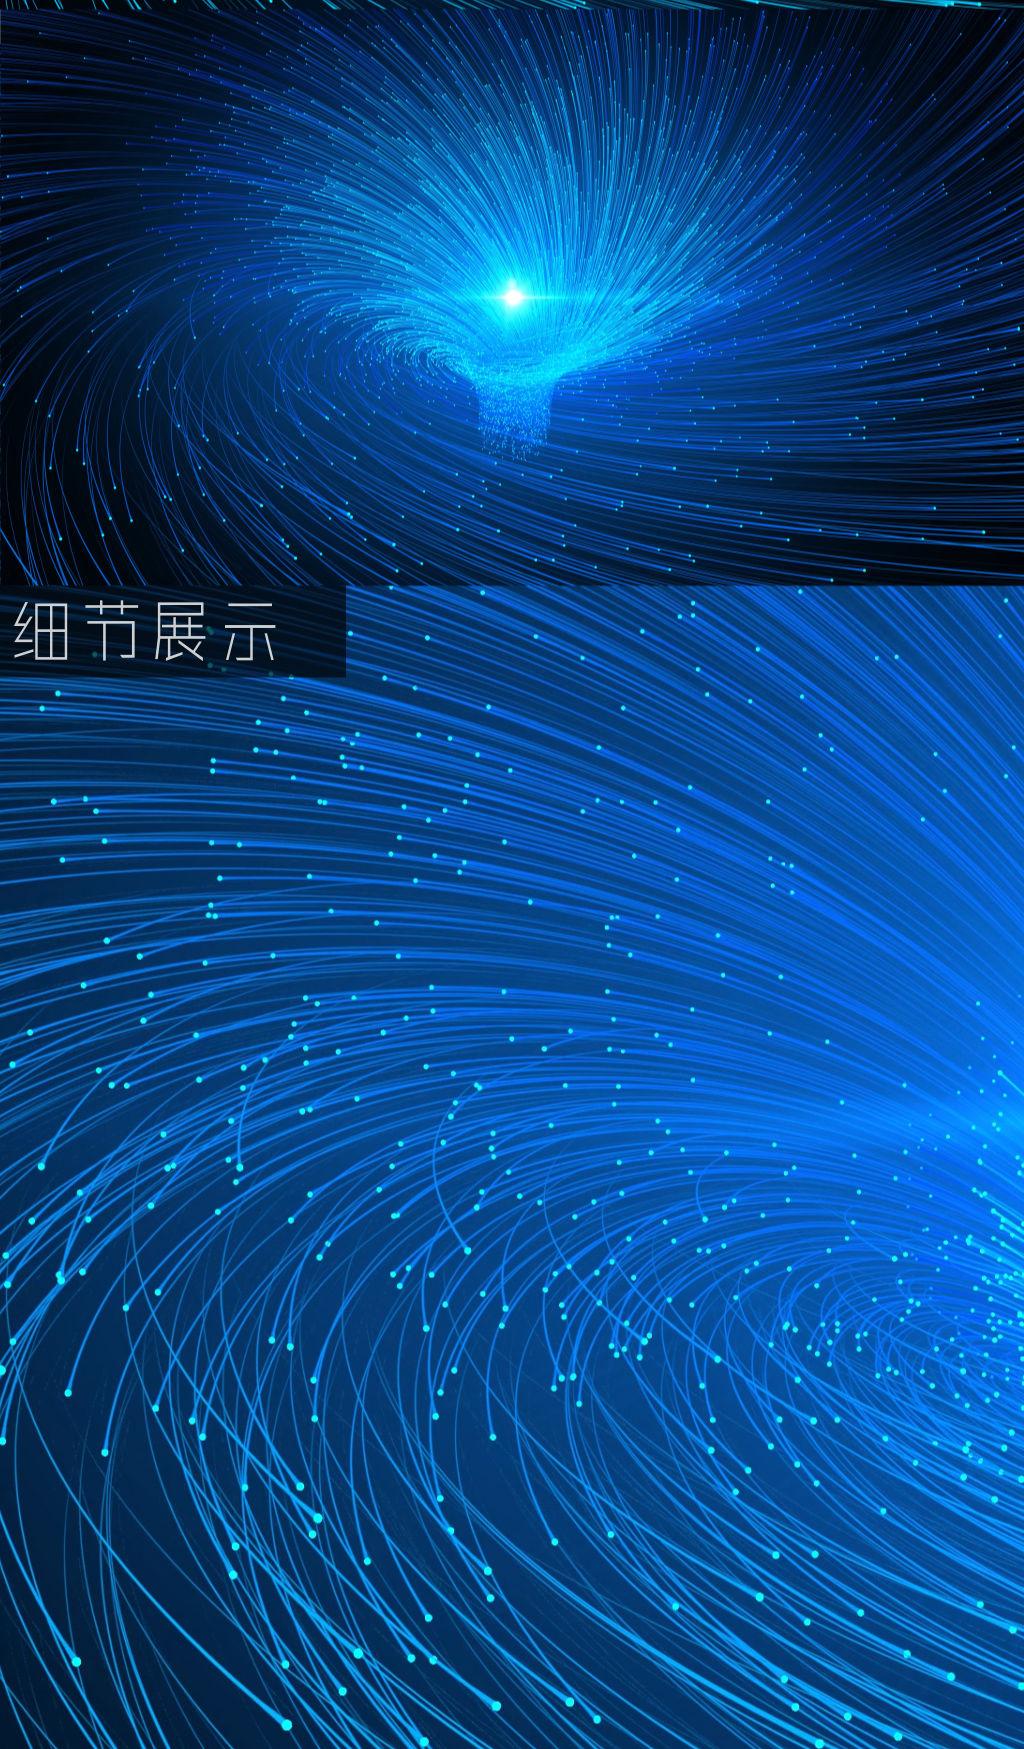 蓝色旋涡旋转粒子光线